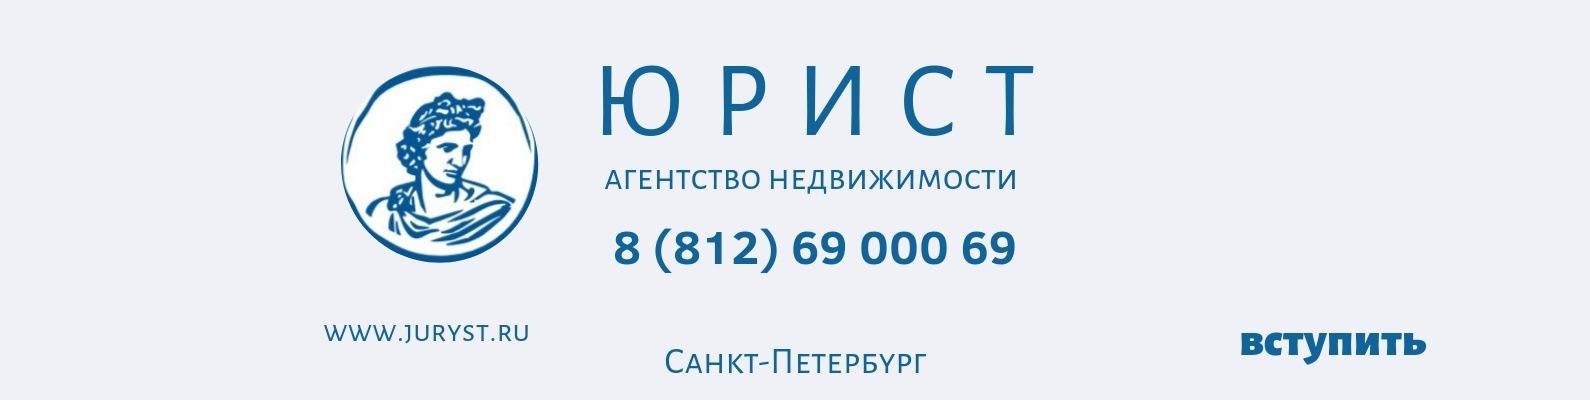 агентство недвижимости юрист